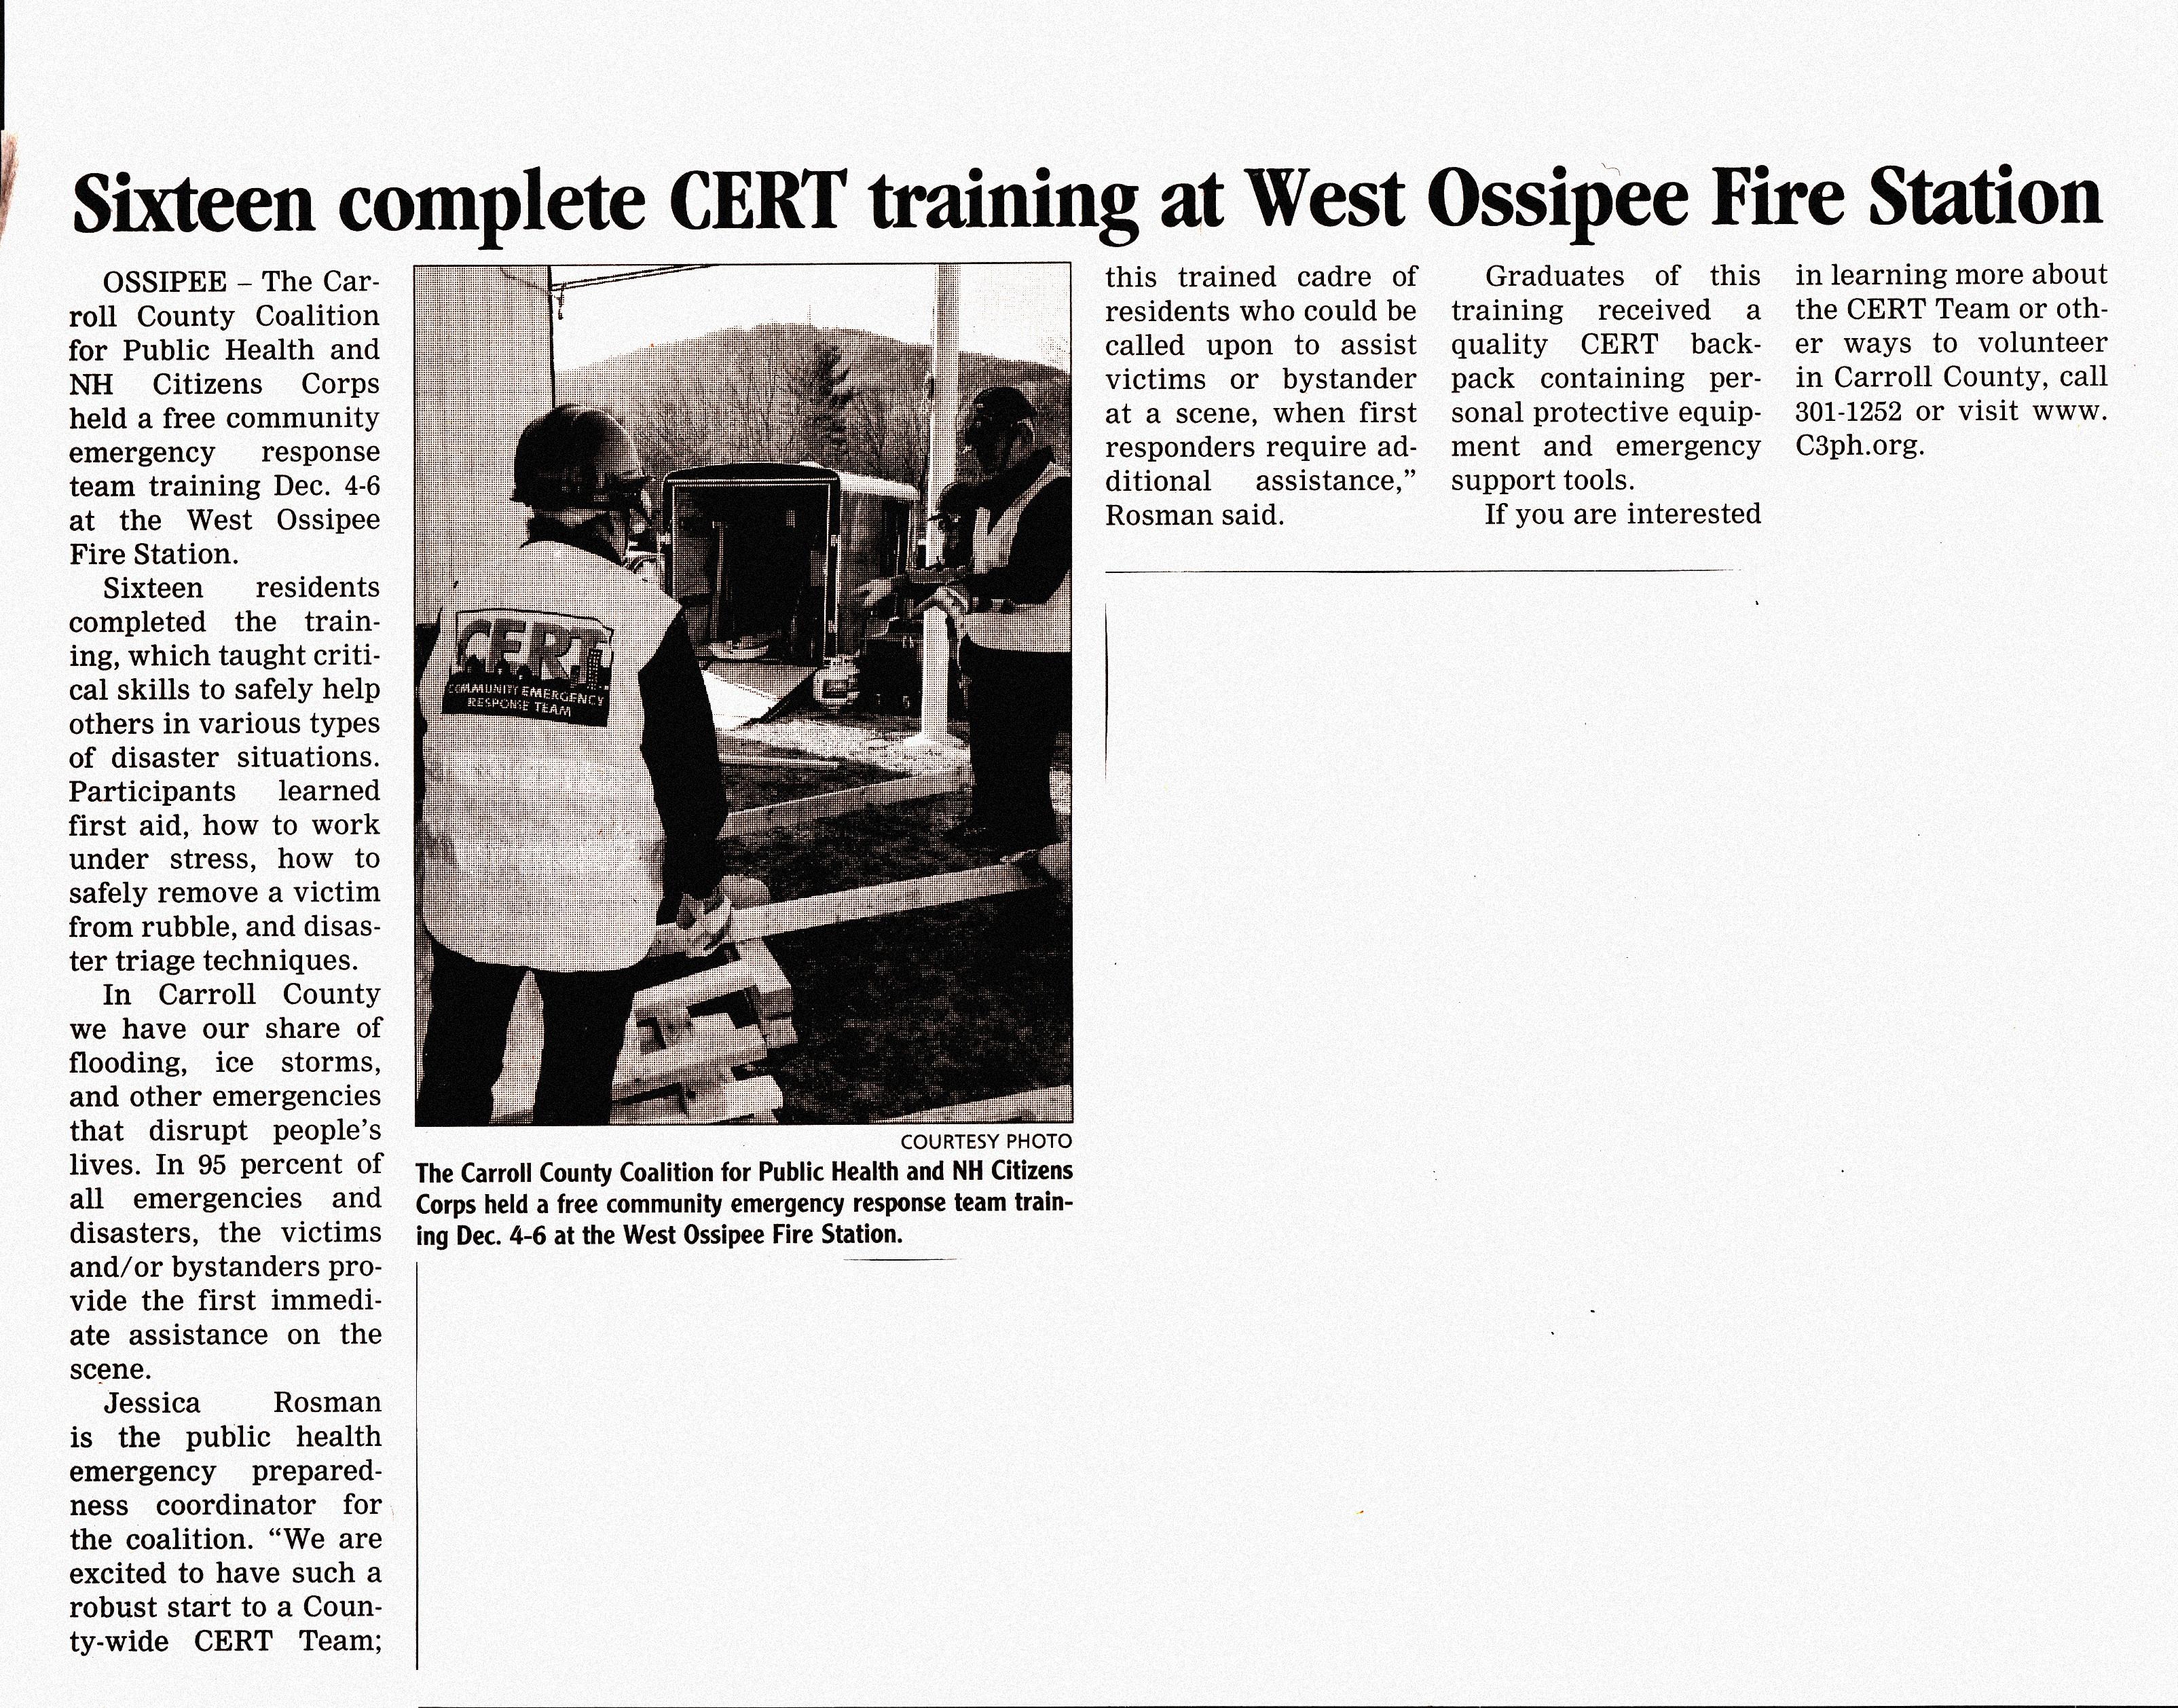 PRECINCT DOCUMENTS - WEST OSSIPEE FIRE DEPARTMENT/ PRECINCT